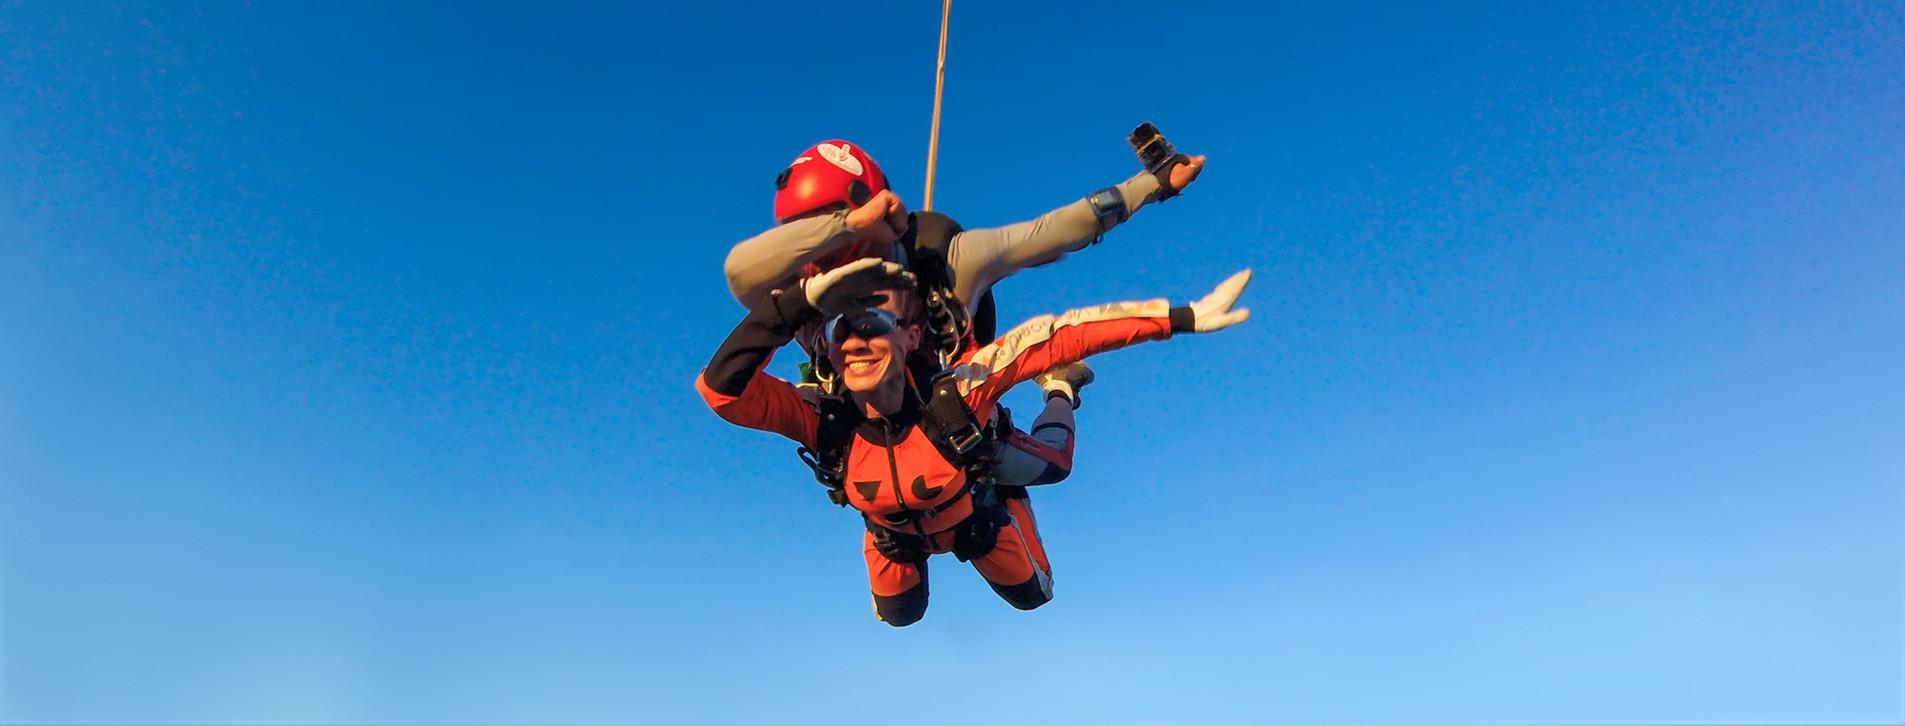 Фото 1 - Прыжок с парашютом в тандеме с видео